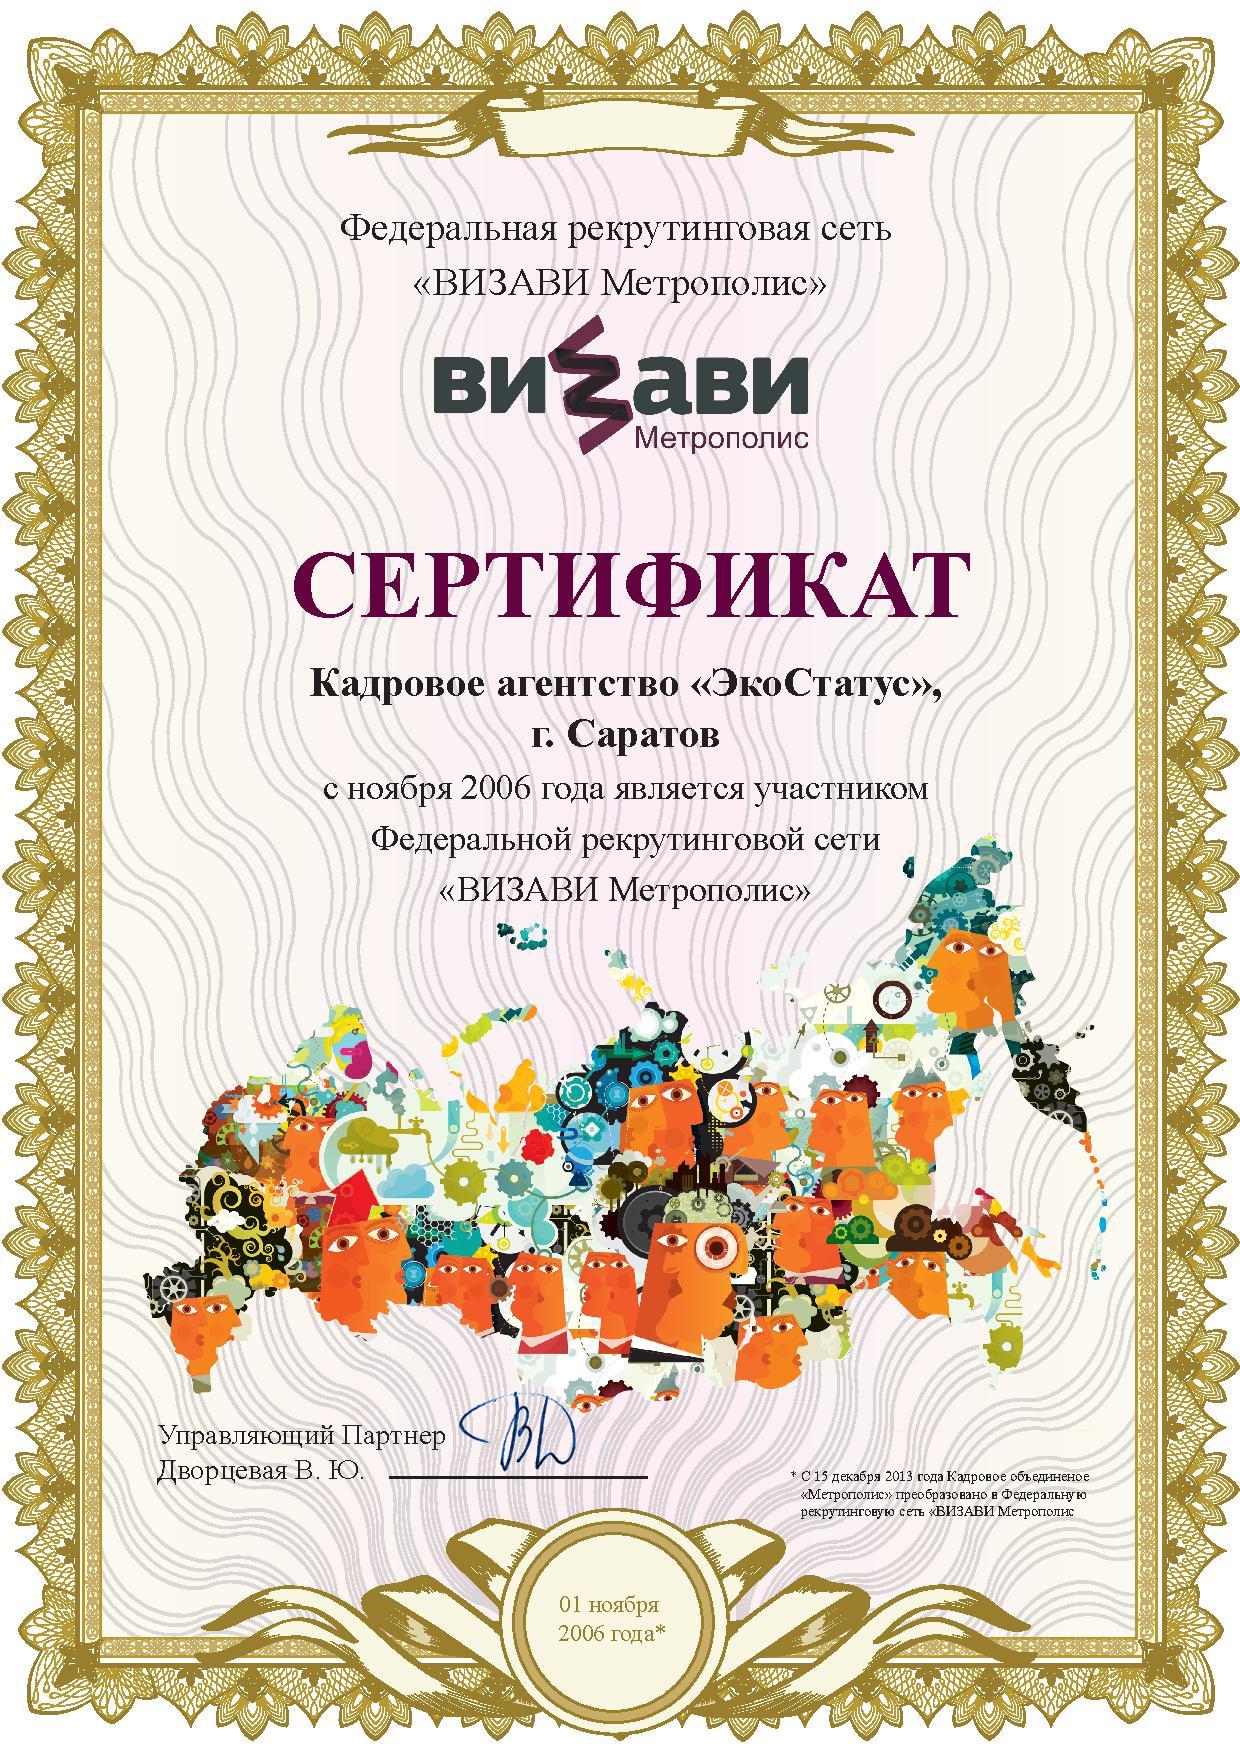 Сертификат о вступлении в Федеральную рекрутинговую сеть ВИЗАВИ